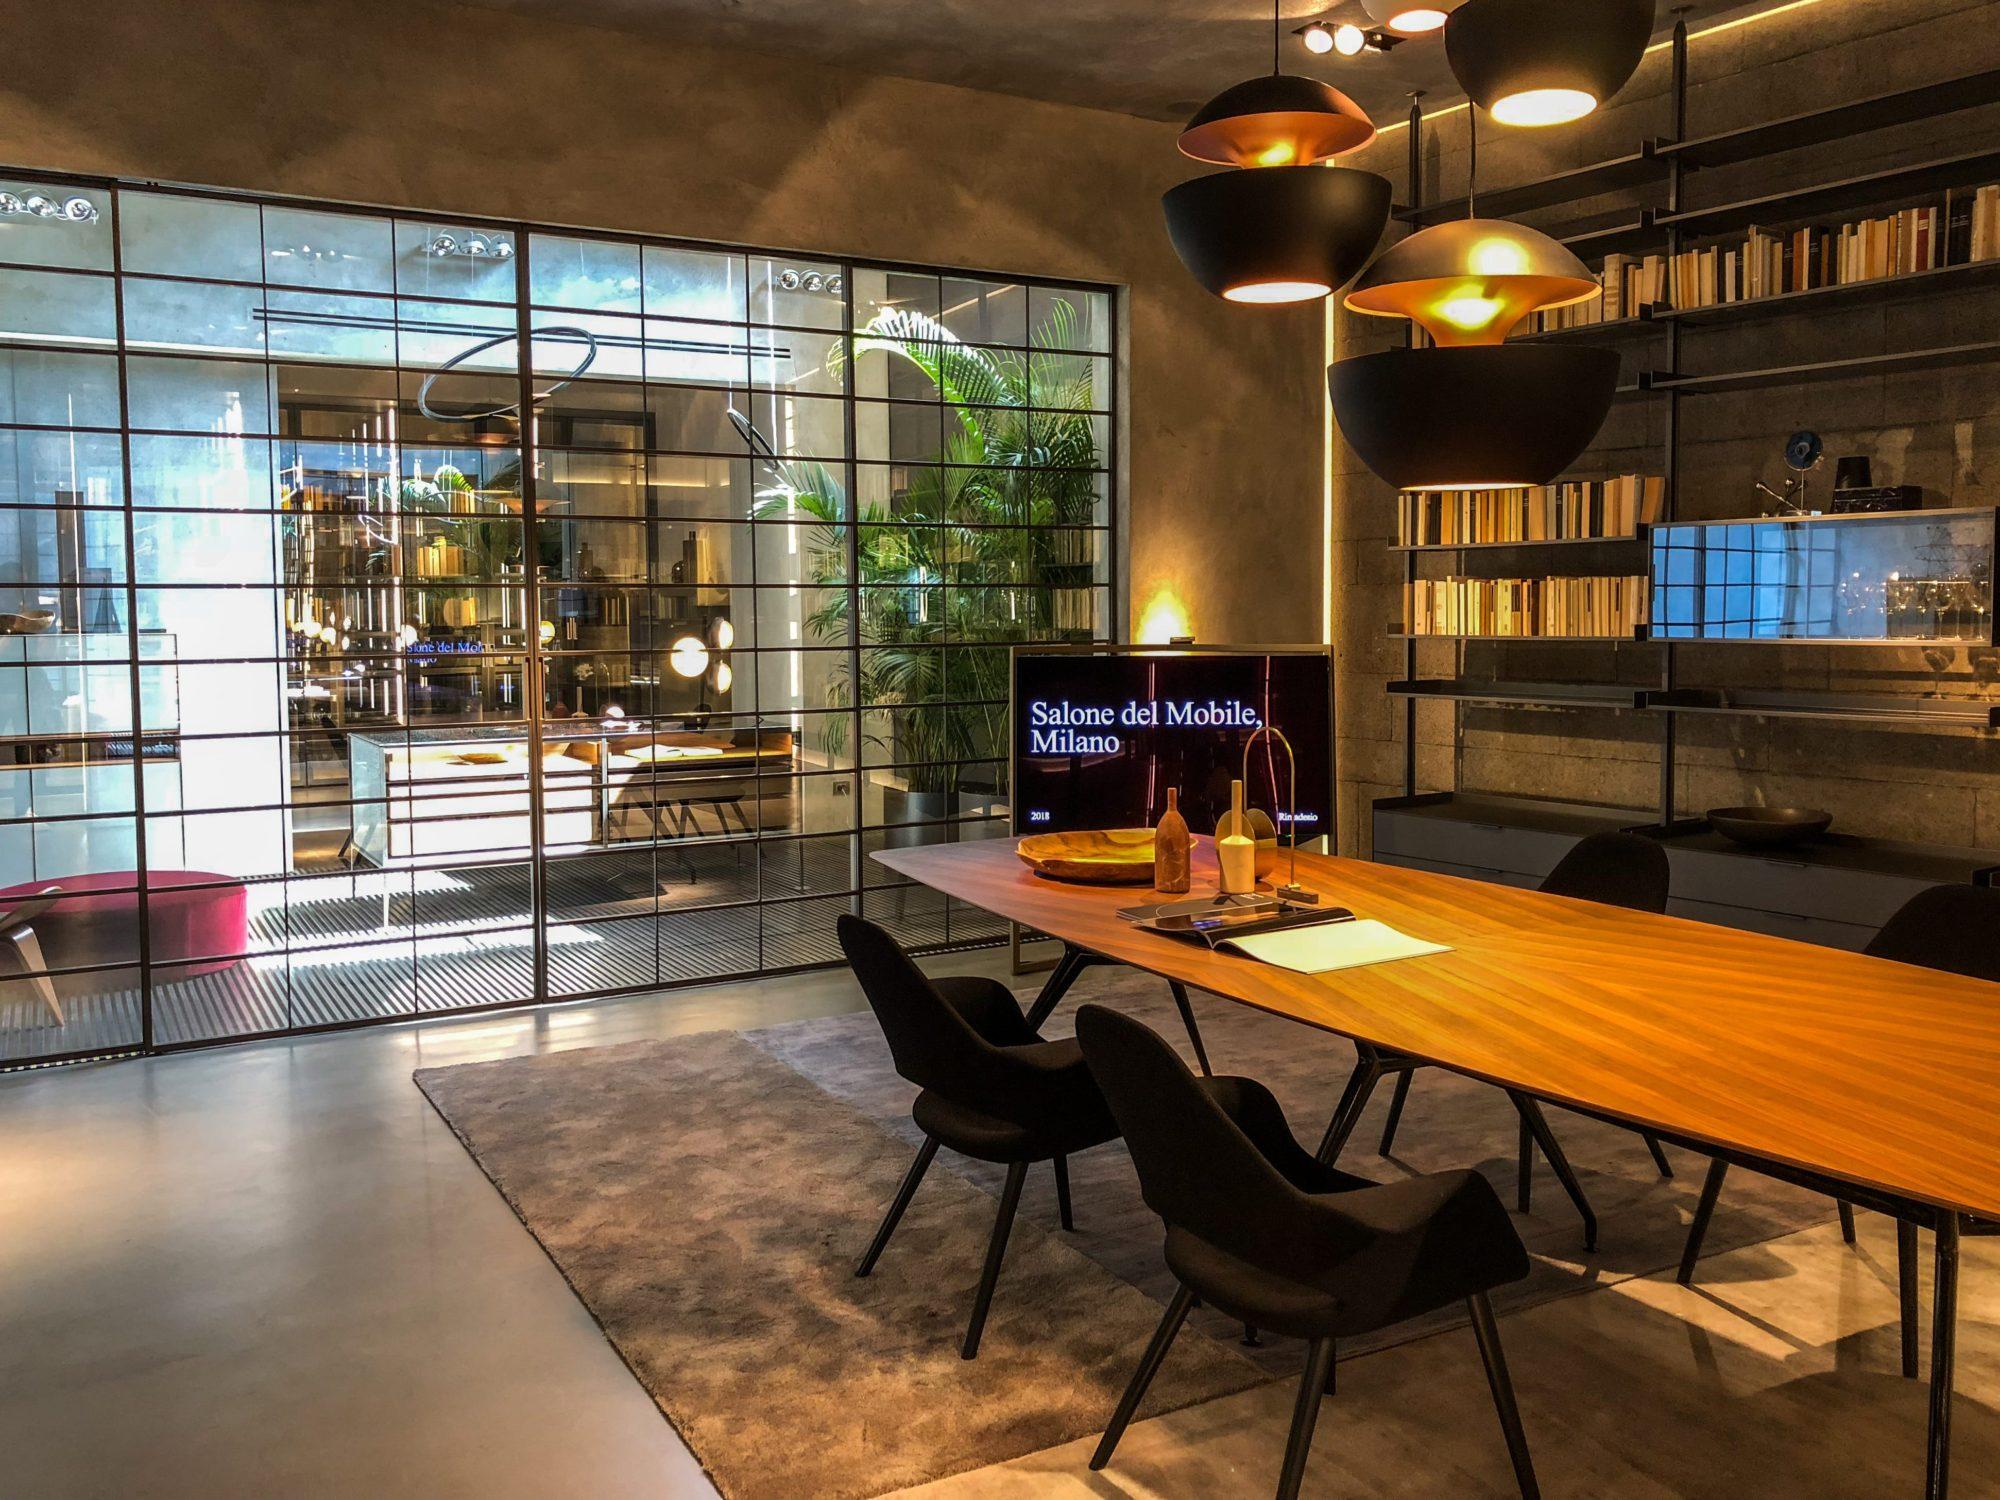 Rimadesio Salon del Mobile de Milano 2018